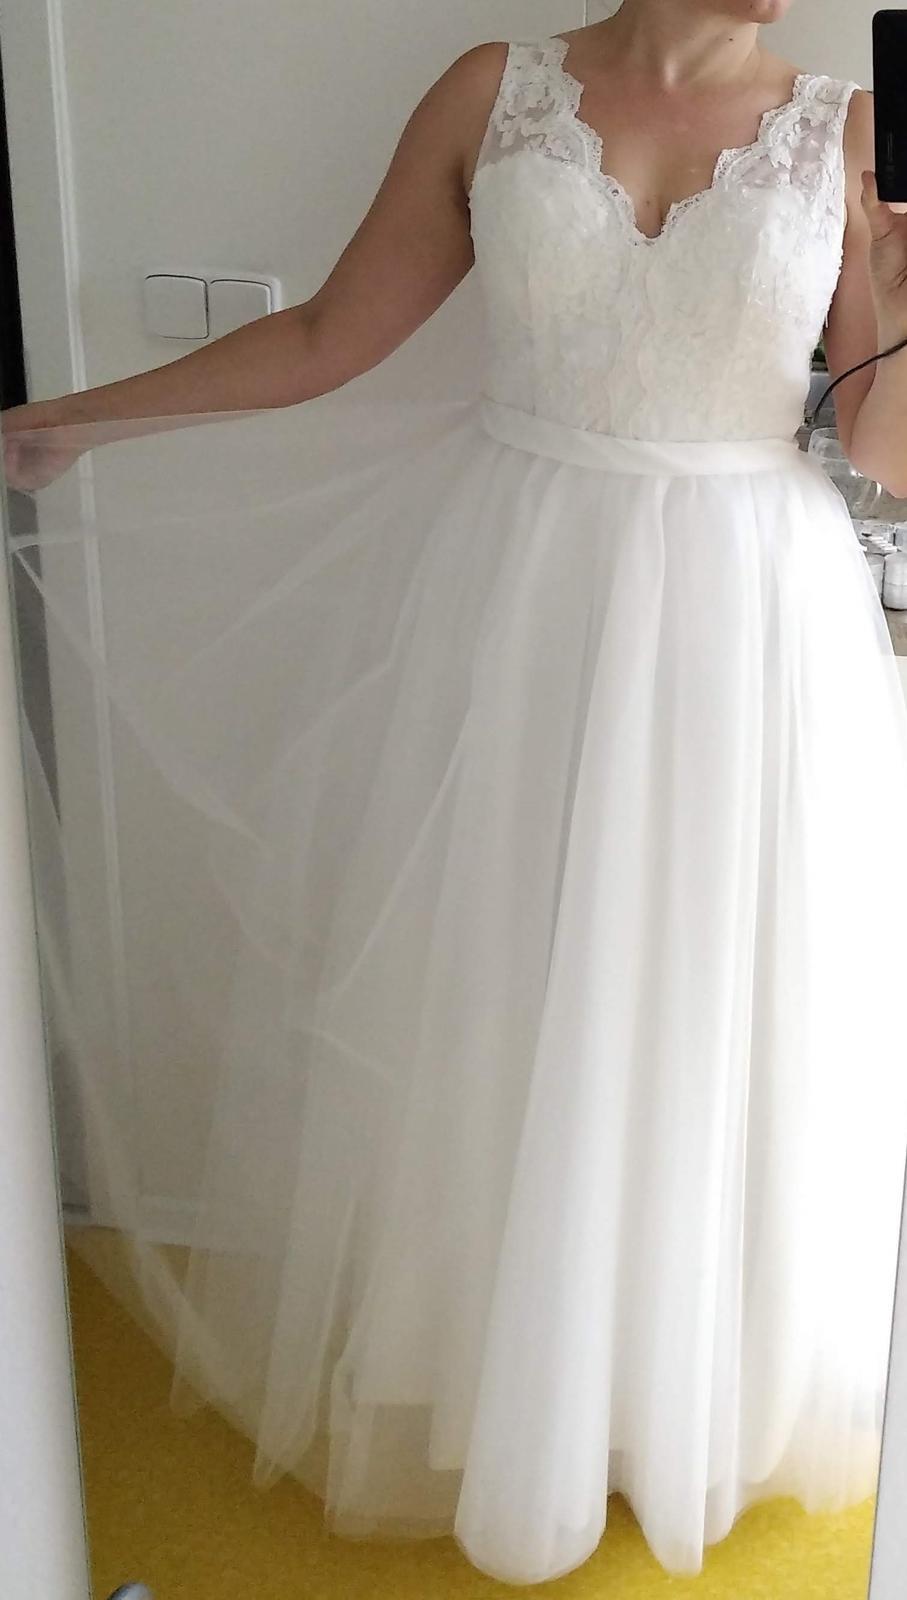 prodej svatebních šatů - nepoužité - Obrázek č. 1